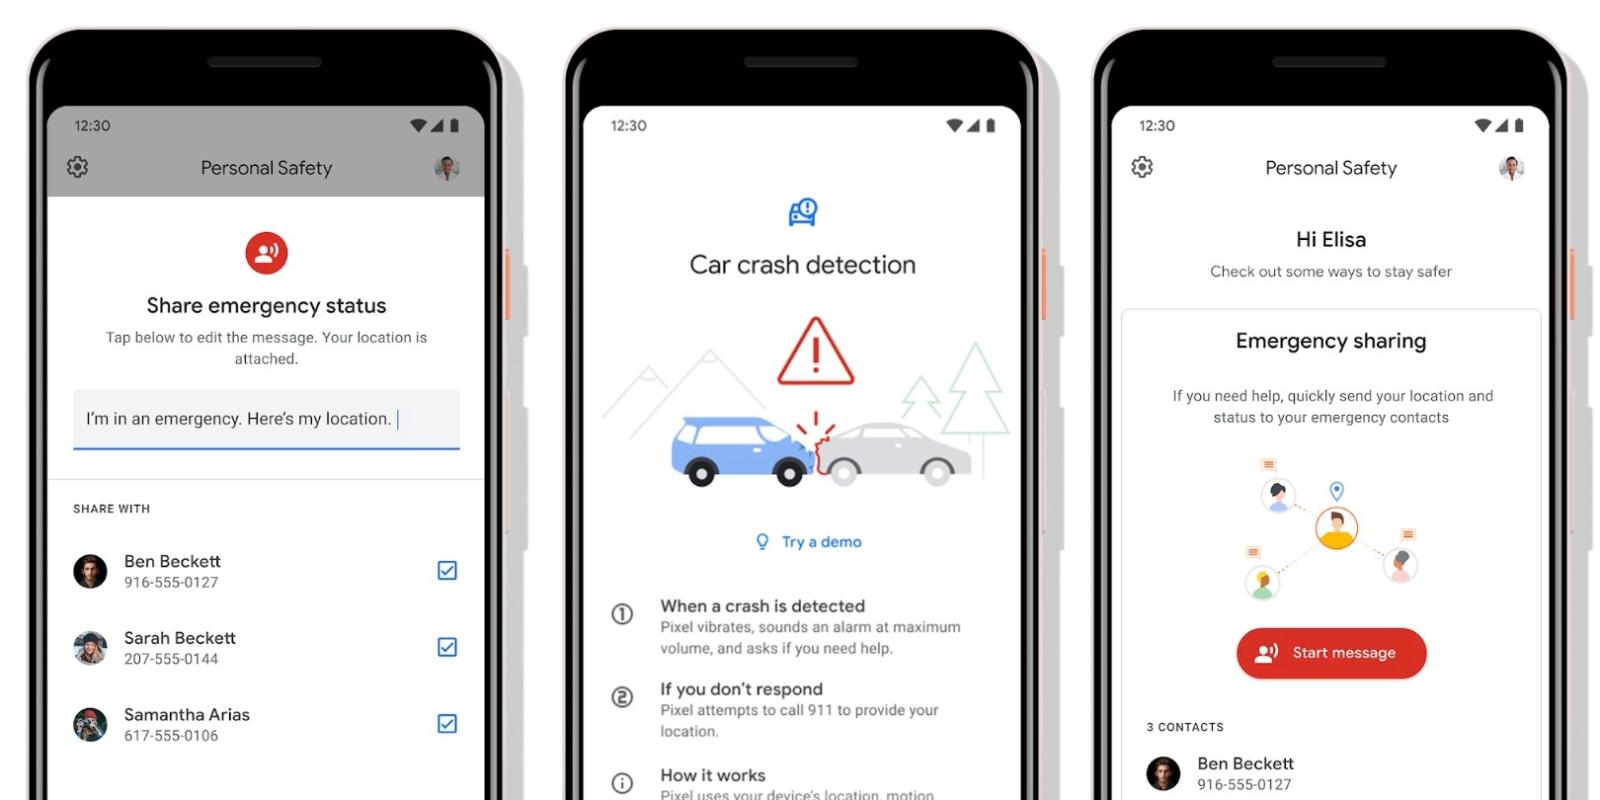 google app 911-ის სურათის შედეგი